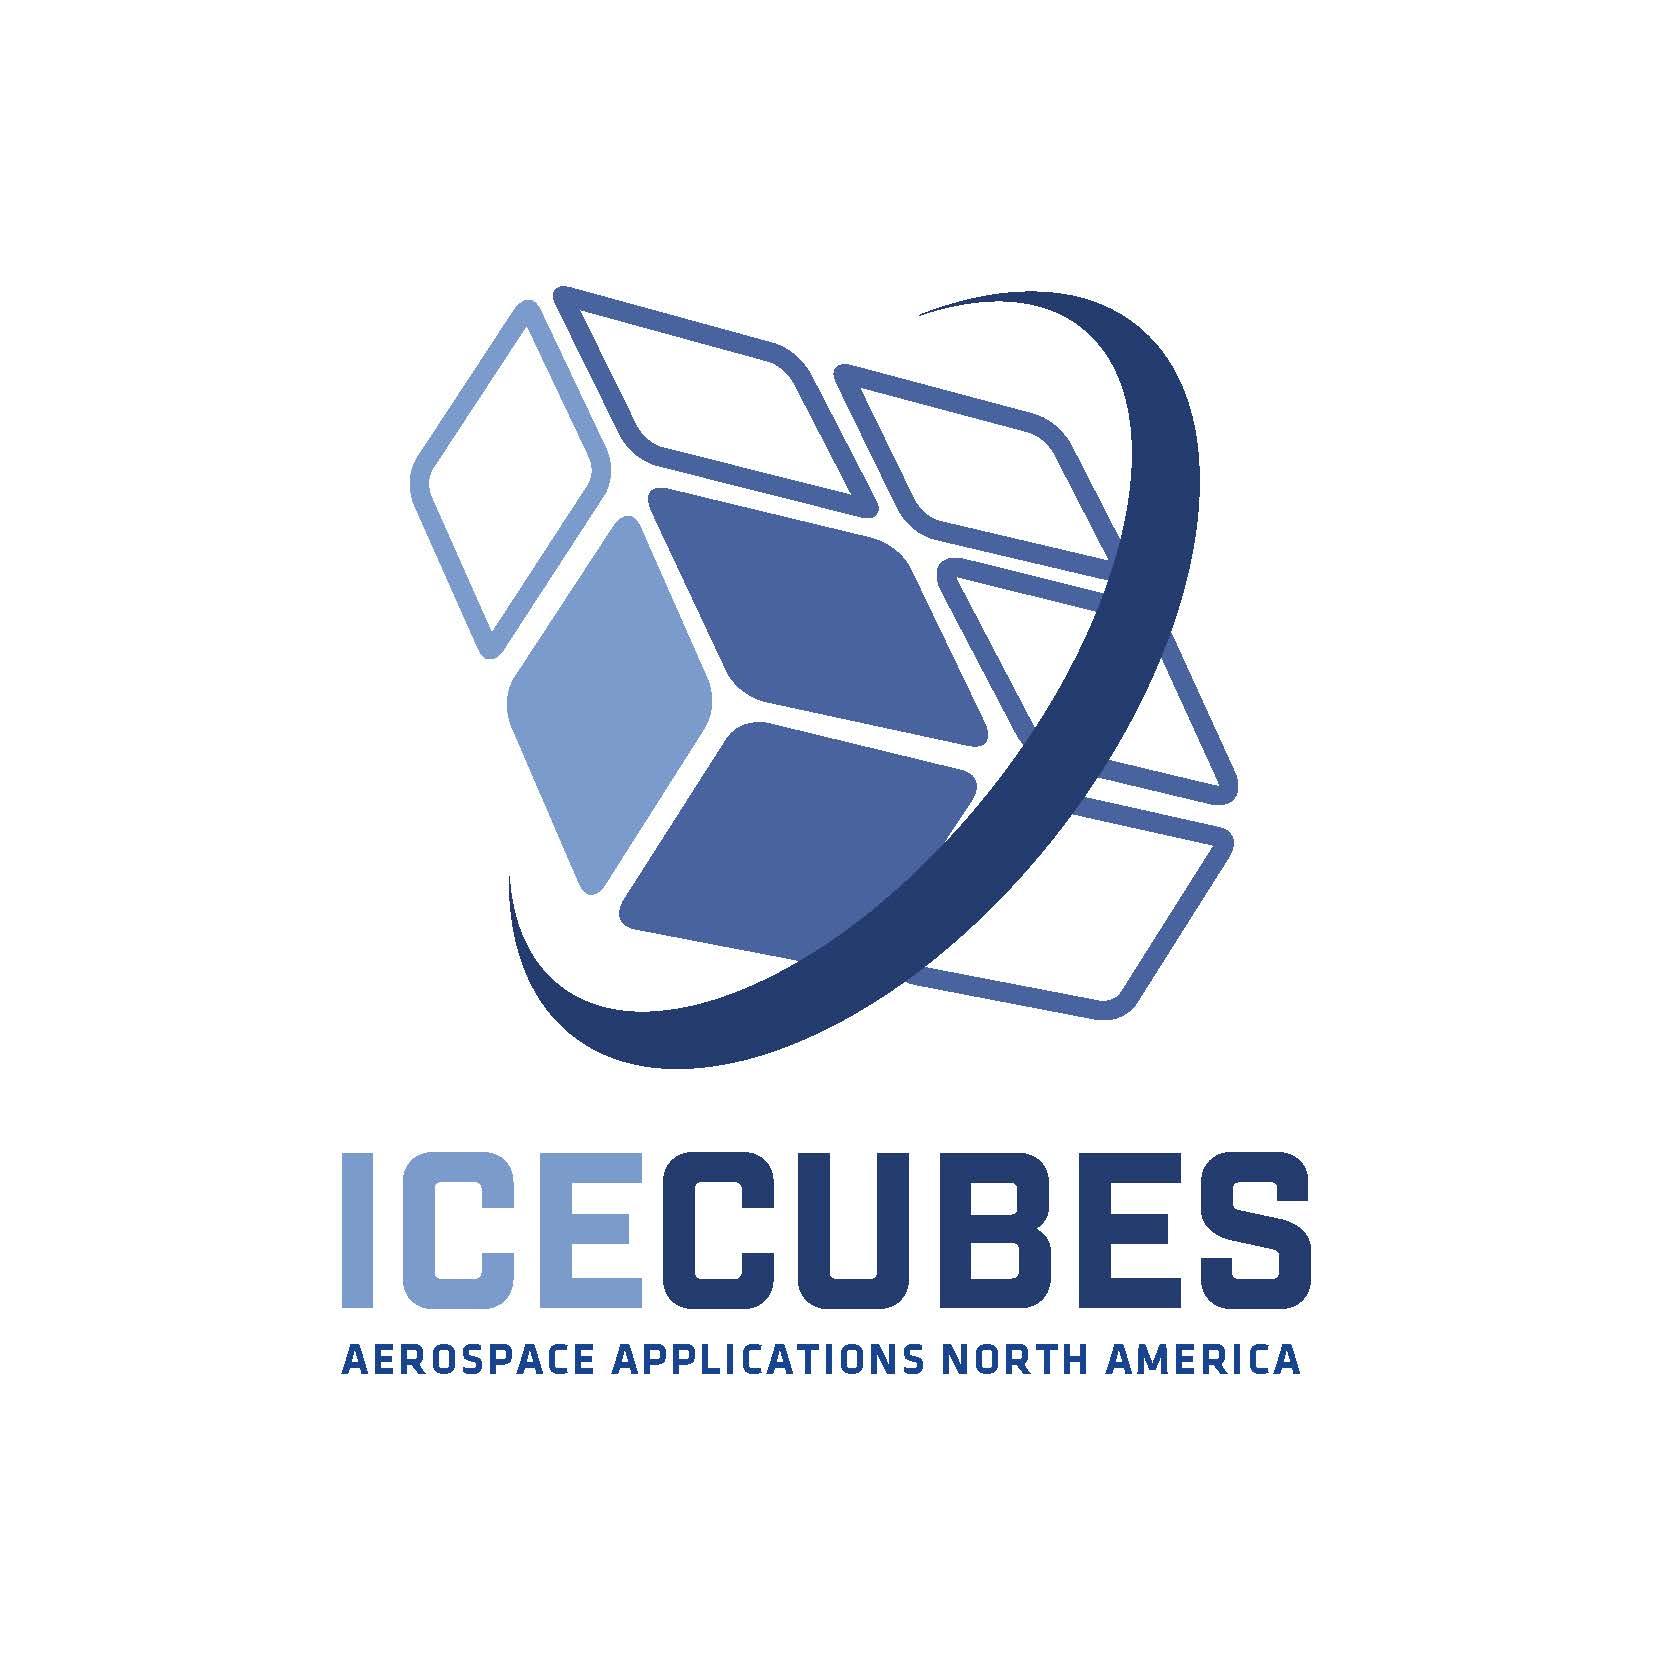 LOGO ICECUBES AANA1